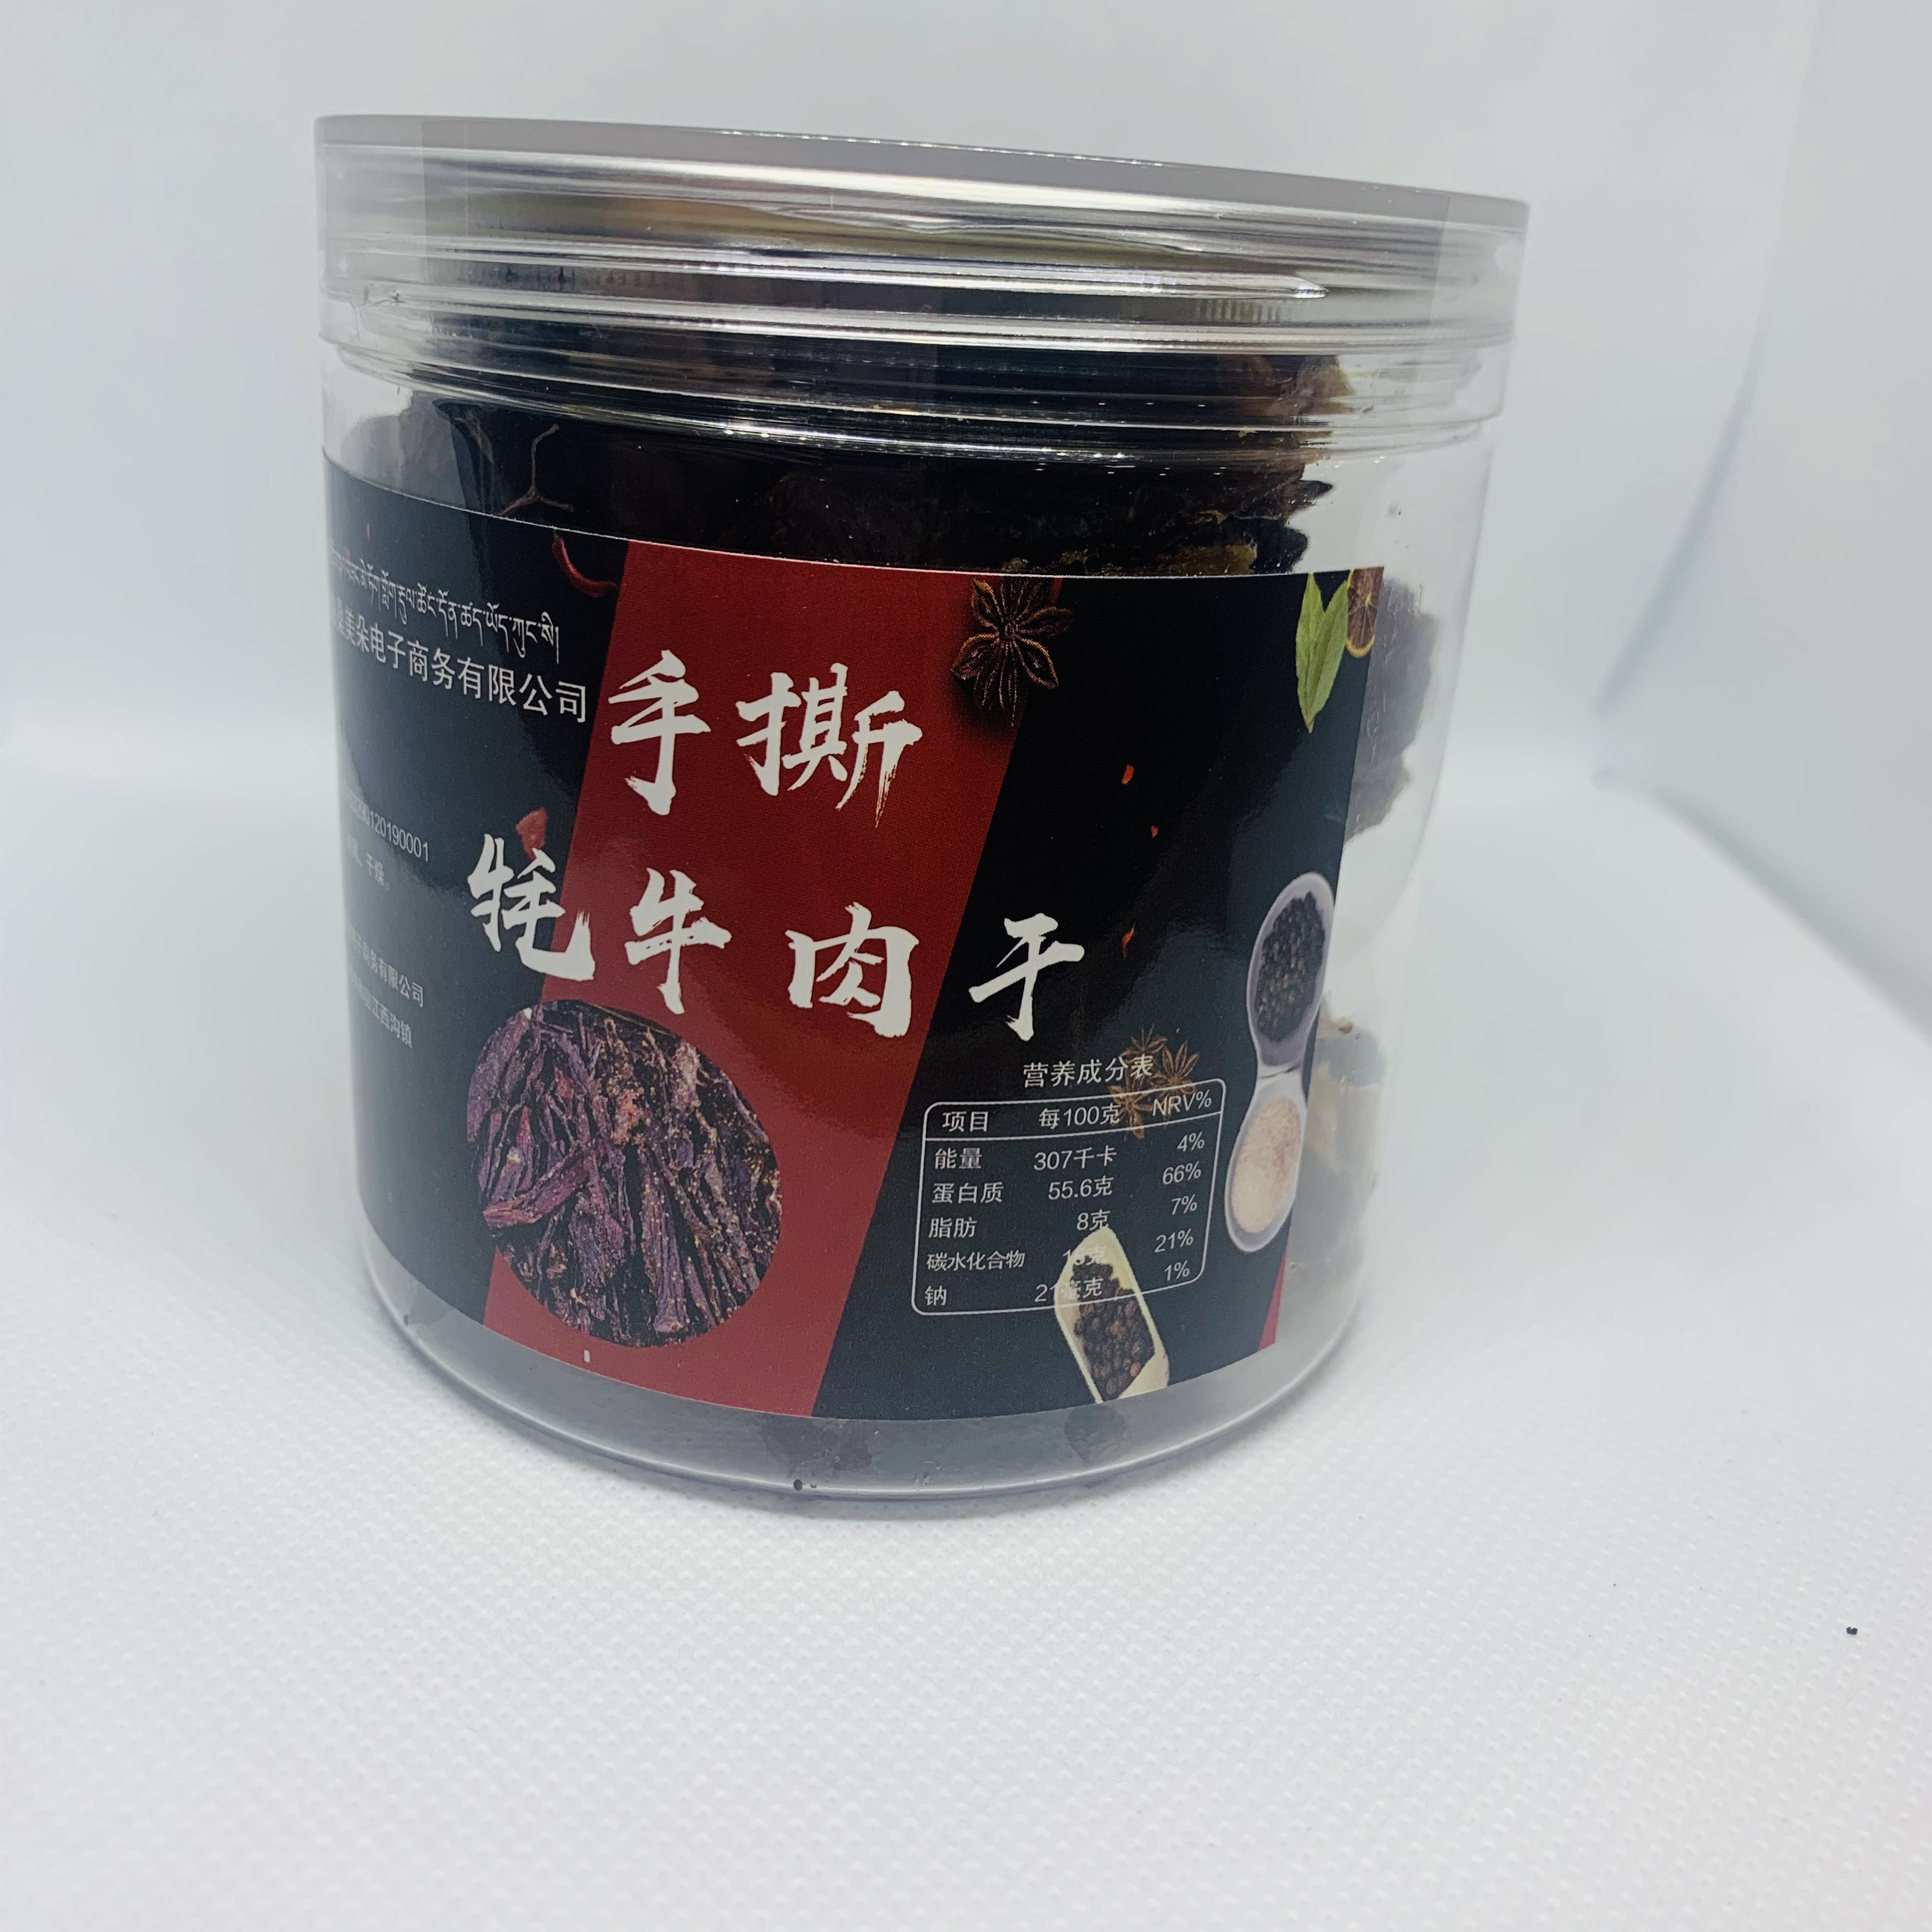 青海西藏特产青藏正宗手工风干手撕牦牛肉干麻辣五香味零食肉肠